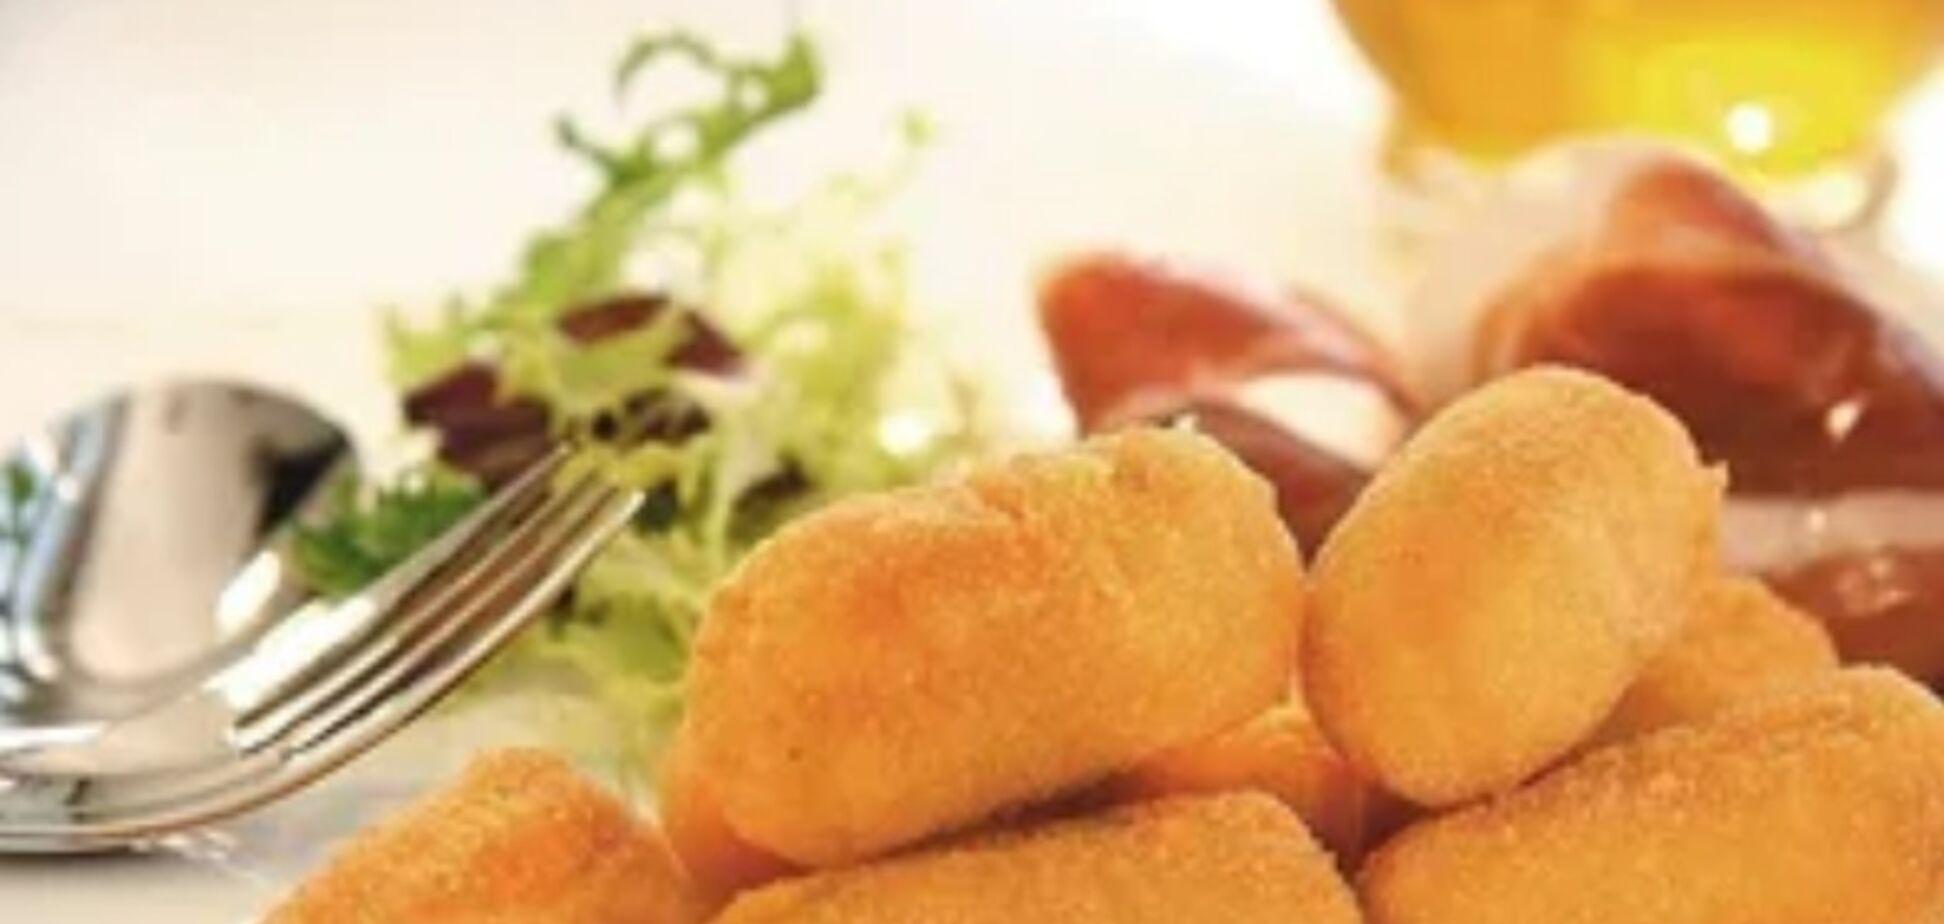 Рецепт дуже смачної закуски з картоплі